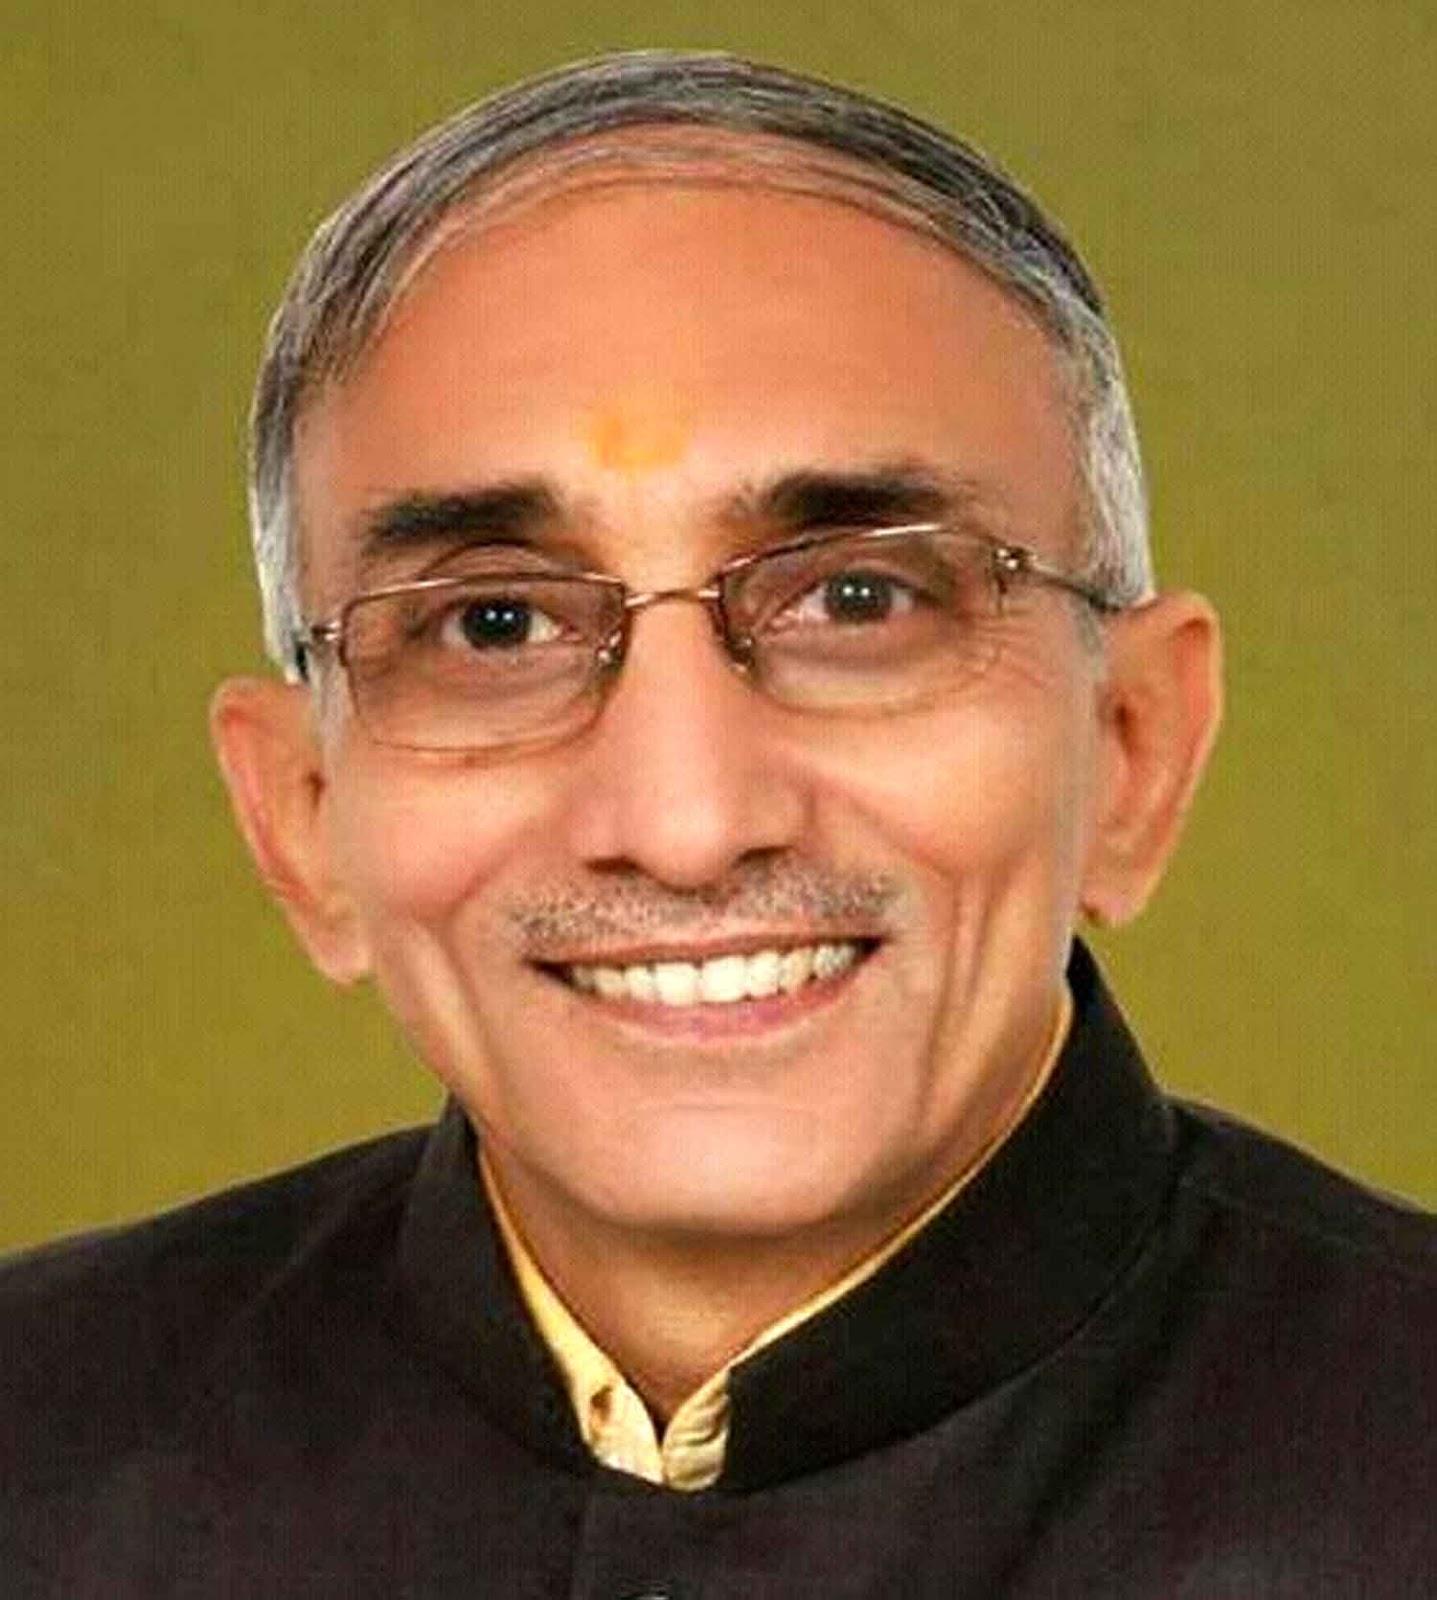 लखनऊ। राज्यपाल व कुलाधिपति आंनदी बेन पटेल ने प्रदेश के चार विश्वविद्यालयों के कुलपतियों का कार्यकाल बढ़ा दिया है। राजभवन  की ओर से दी गयी जानकारी के मुताबिक राज्यपाल ने महात्मा ज्योतिबा फुले रूहेलखण्ड विश्वविद्यालय (बरेली), मदन मोहन मालवीय प्रौद्योगिकी विश्वविद्यालय (गोरखपुर), दीनदयाल उपाध्याय गोरखपुर विश्वविद्यालय (गोरखपुर) तथा वीर बहादुर सिंह पूर्वांचल विश्वविद्यालय (जौनपुर) के कुलपतियों का कार्यकाल तीन माह की अवधि अथवा नियमित कुलपति की नियुक्ति के अग्रिम आदेशों तक विस्तारित कर दिया है। गौरतलब है कि अनिल कुमार शुक्ला कुलपति महात्मा ज्योतिबा फुले रूहेलखण्ड विश्वविद्यालय बरेली का कार्यकाल 25 अप्रैल को, प्रो. श्रीनिवास सिंह कुलपति मदन मोहन मालवीय प्रौद्योगिकी विश्वविद्यालय गोरखपुर का कार्यकाल 27 अप्रैल को, प्रो. विजय कृष्ण सिह कुलपति दीनदयाल उपाध्याय गोरखपुर विश्वविद्यालय गोरखपुर का कार्यकाल 28 अप्रैल को तथा प्रो. राजा राम यादव कुलपति वीर बहादुर सिंह पूर्वांचल विश्वविद्यालय जौनपुर का कार्यकाल 01 मई, को समाप्त हो रहा था। जिसके बाद इनका कार्यकाल बढ़ाये जाने का निर्णय लिया गया। हालांकि कुलपतियों का कार्यकाल बढ़ाये जाने के लिए सोमवार को राजभवन की ओर से पत्र जारी किया जाना था लेकिन कोई अधिकारिक सूचना न मिलने के कारण आदेश की पुष्टि मंगलवार को की गयी है।